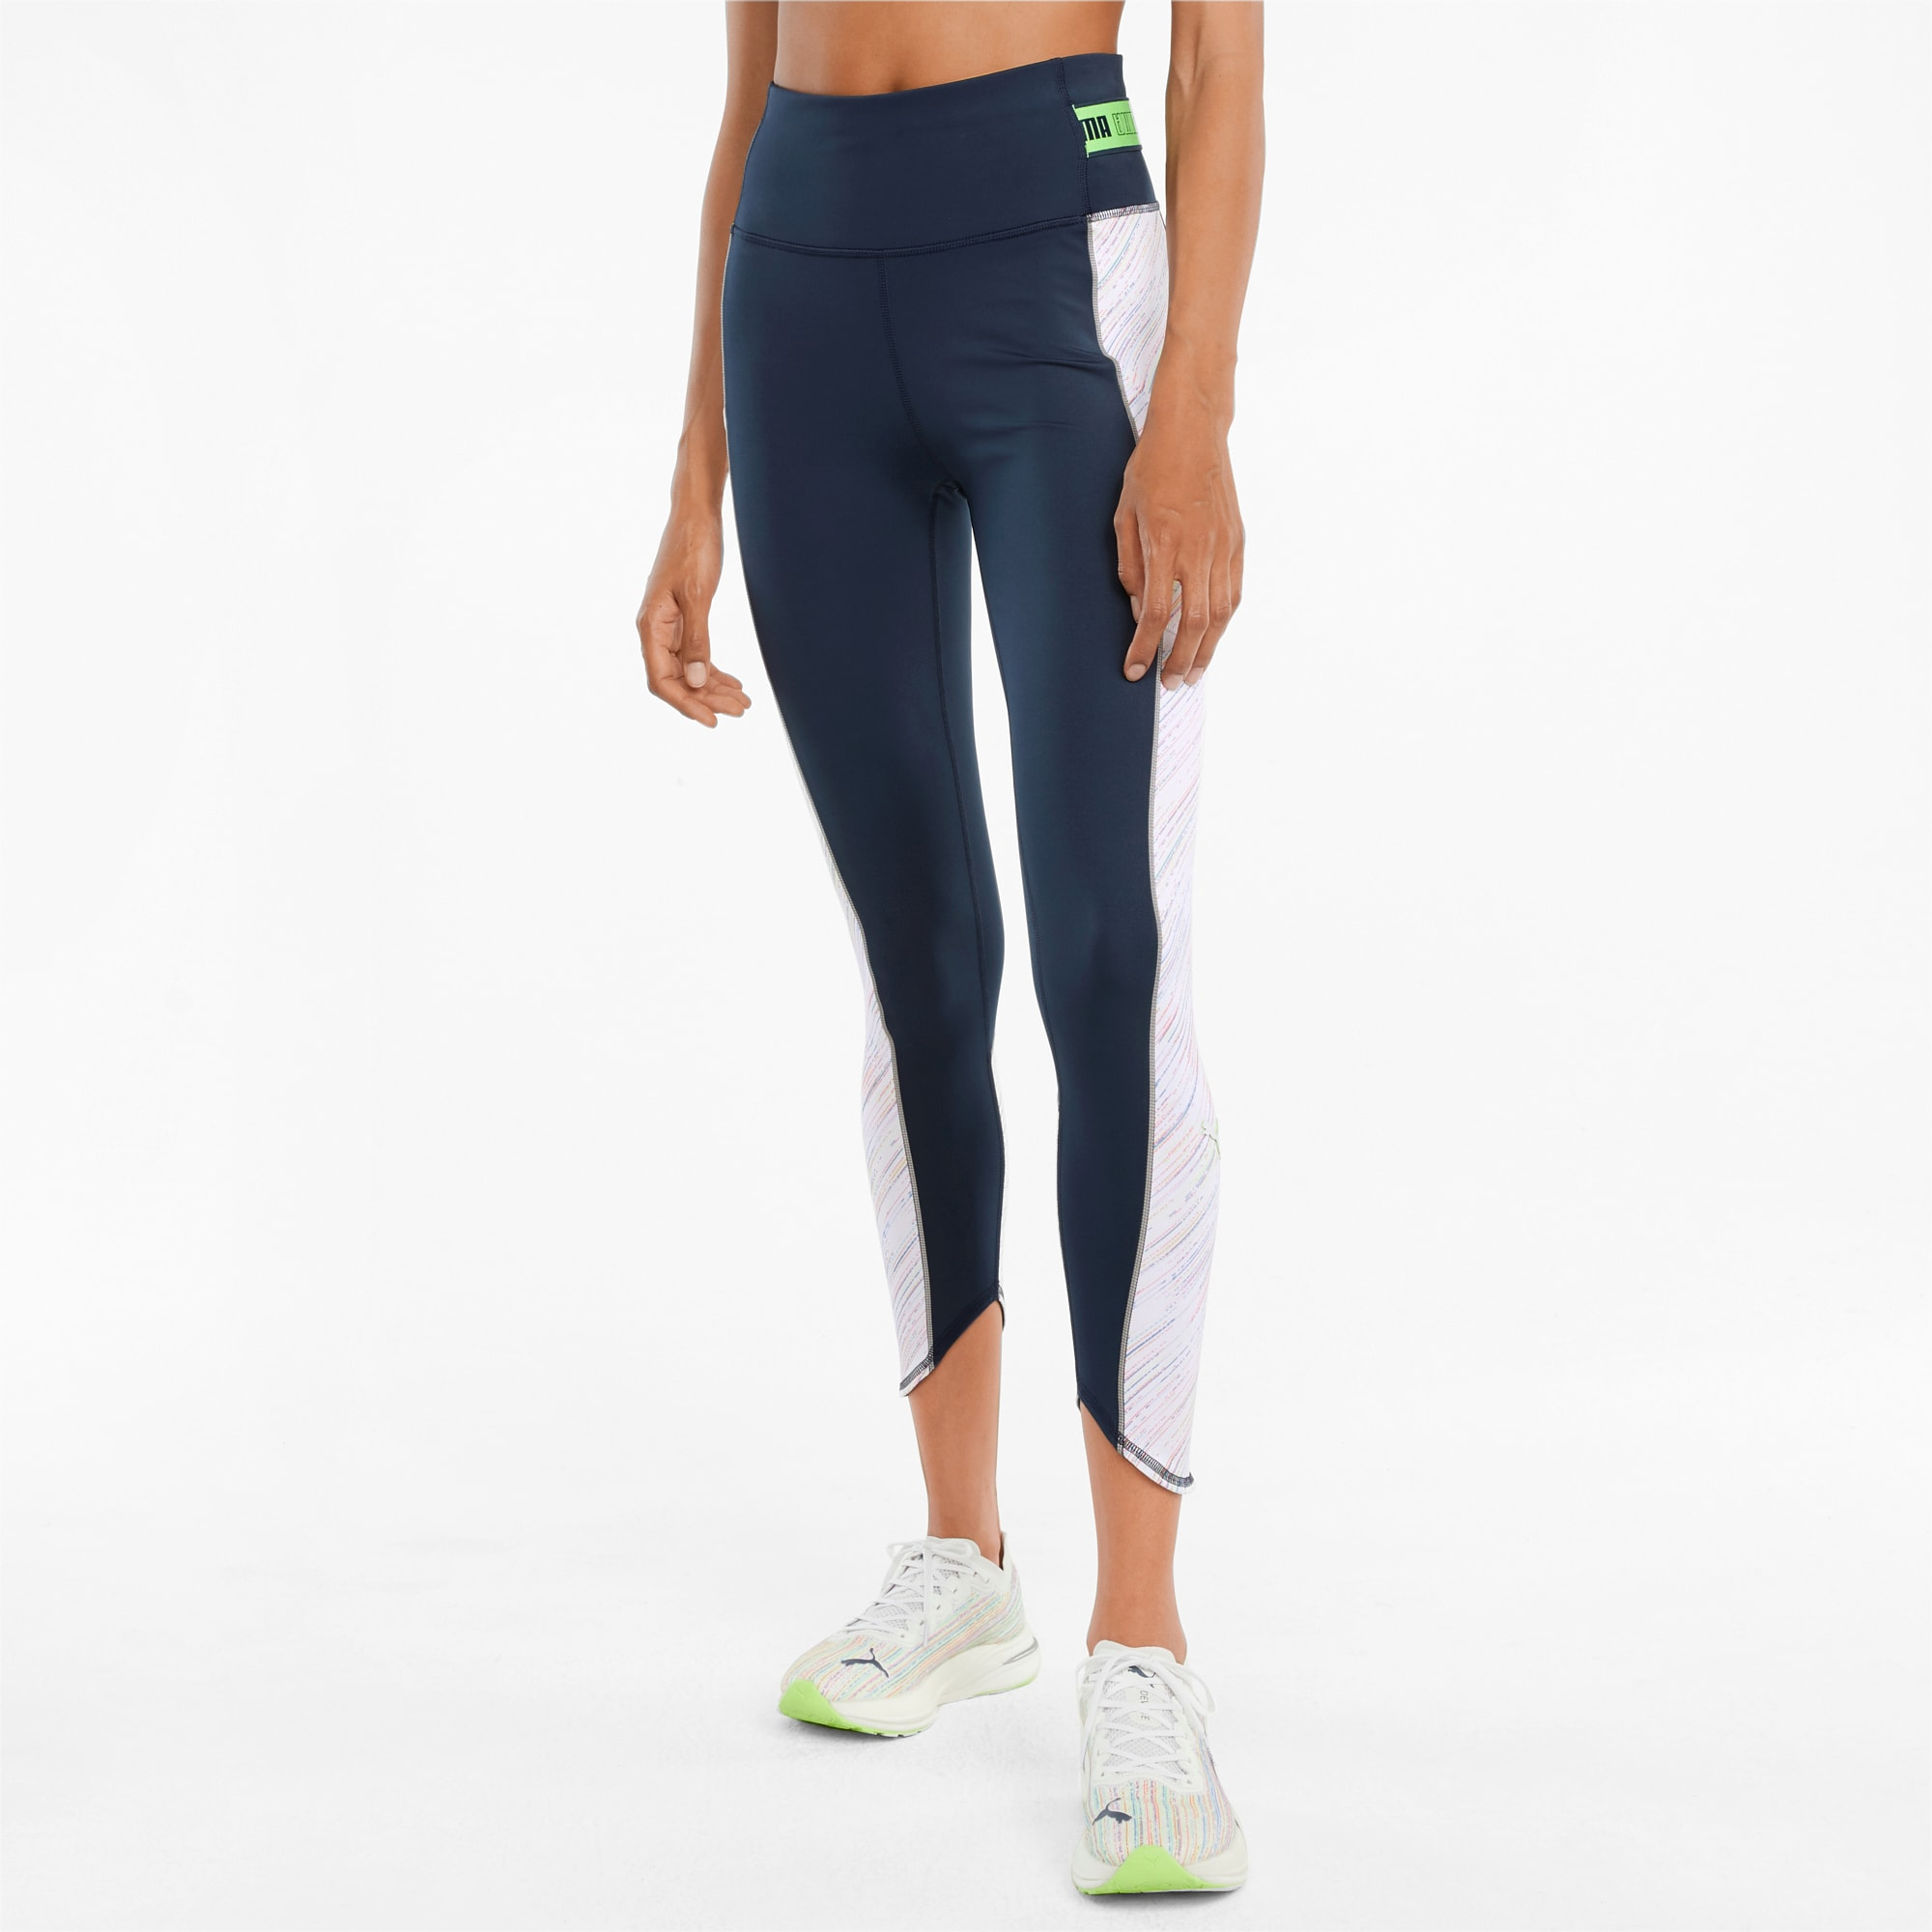 Mallas de Running de Largo 7/8 y Cintura Alta Para Mujer High Shine, Blanco, Talla M   PUMA Mujeres